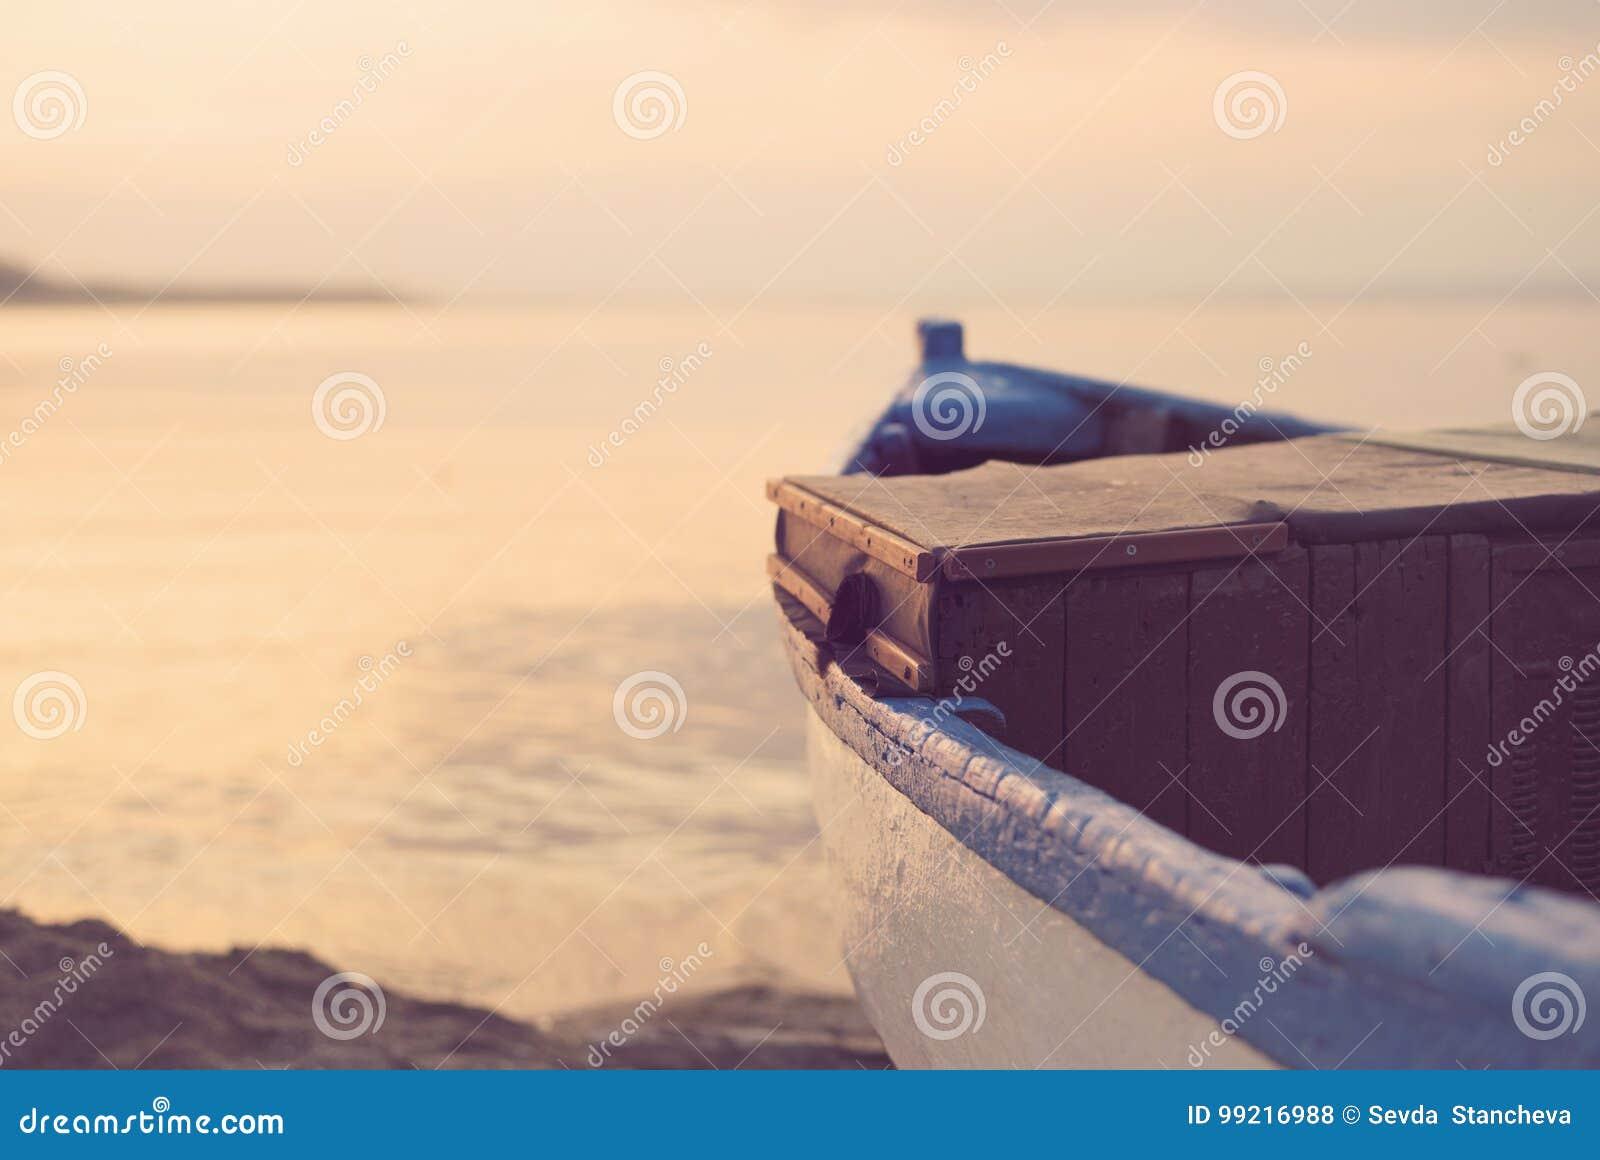 Schließen Sie oben vom hölzernen blauen Boot auf dem Strand Weinlese-Filter-Schauen